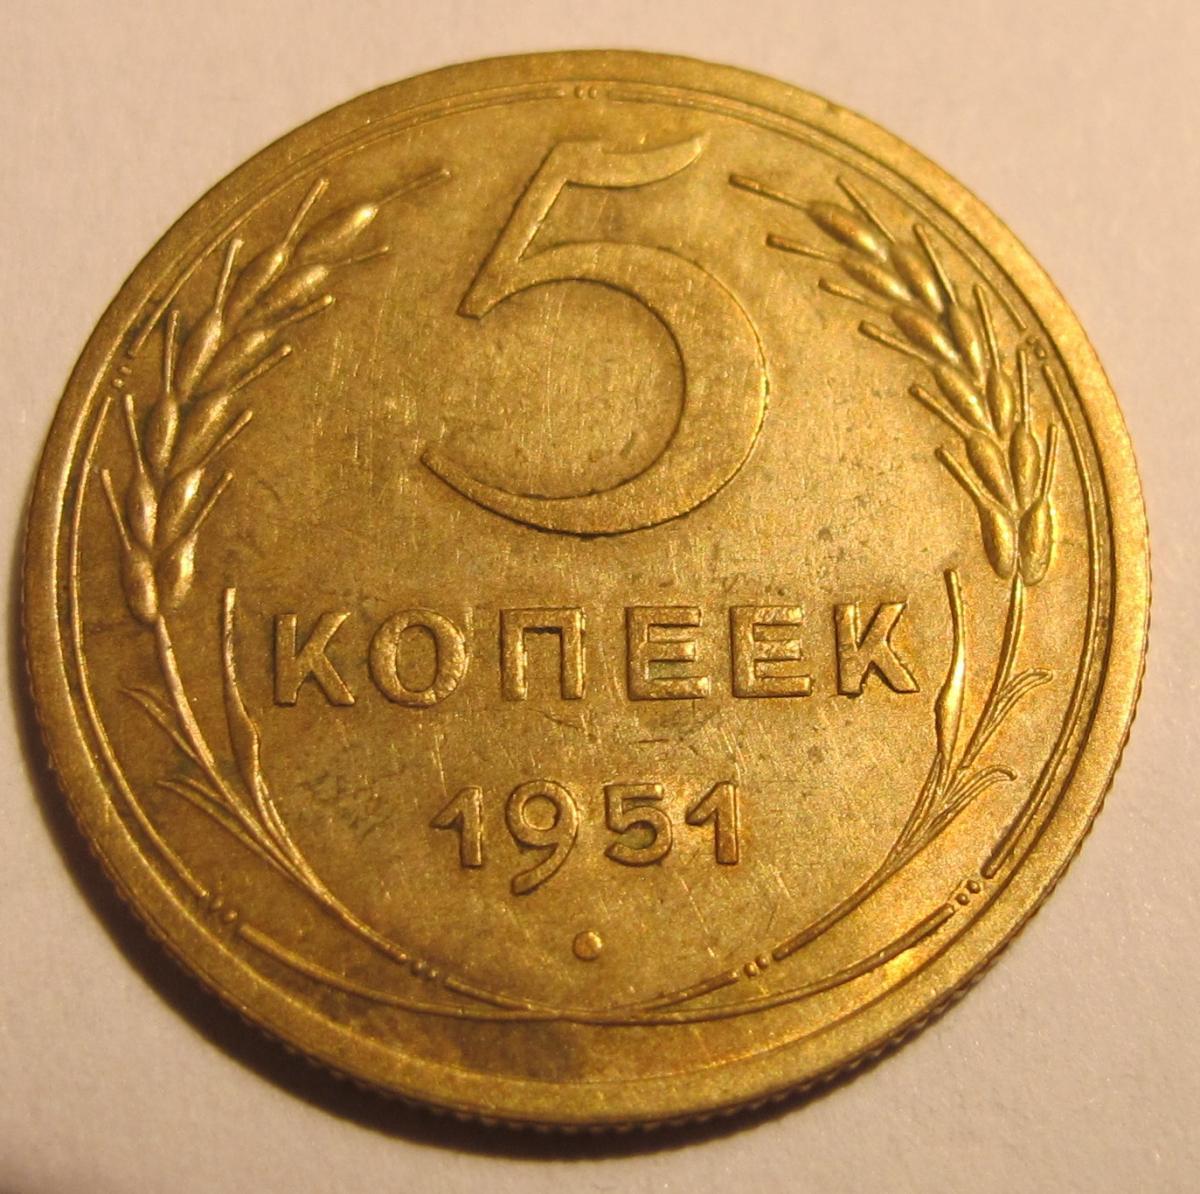 5 копеек 1951 г. Лицевая сторона - 2.2., оборотная сторона - Б